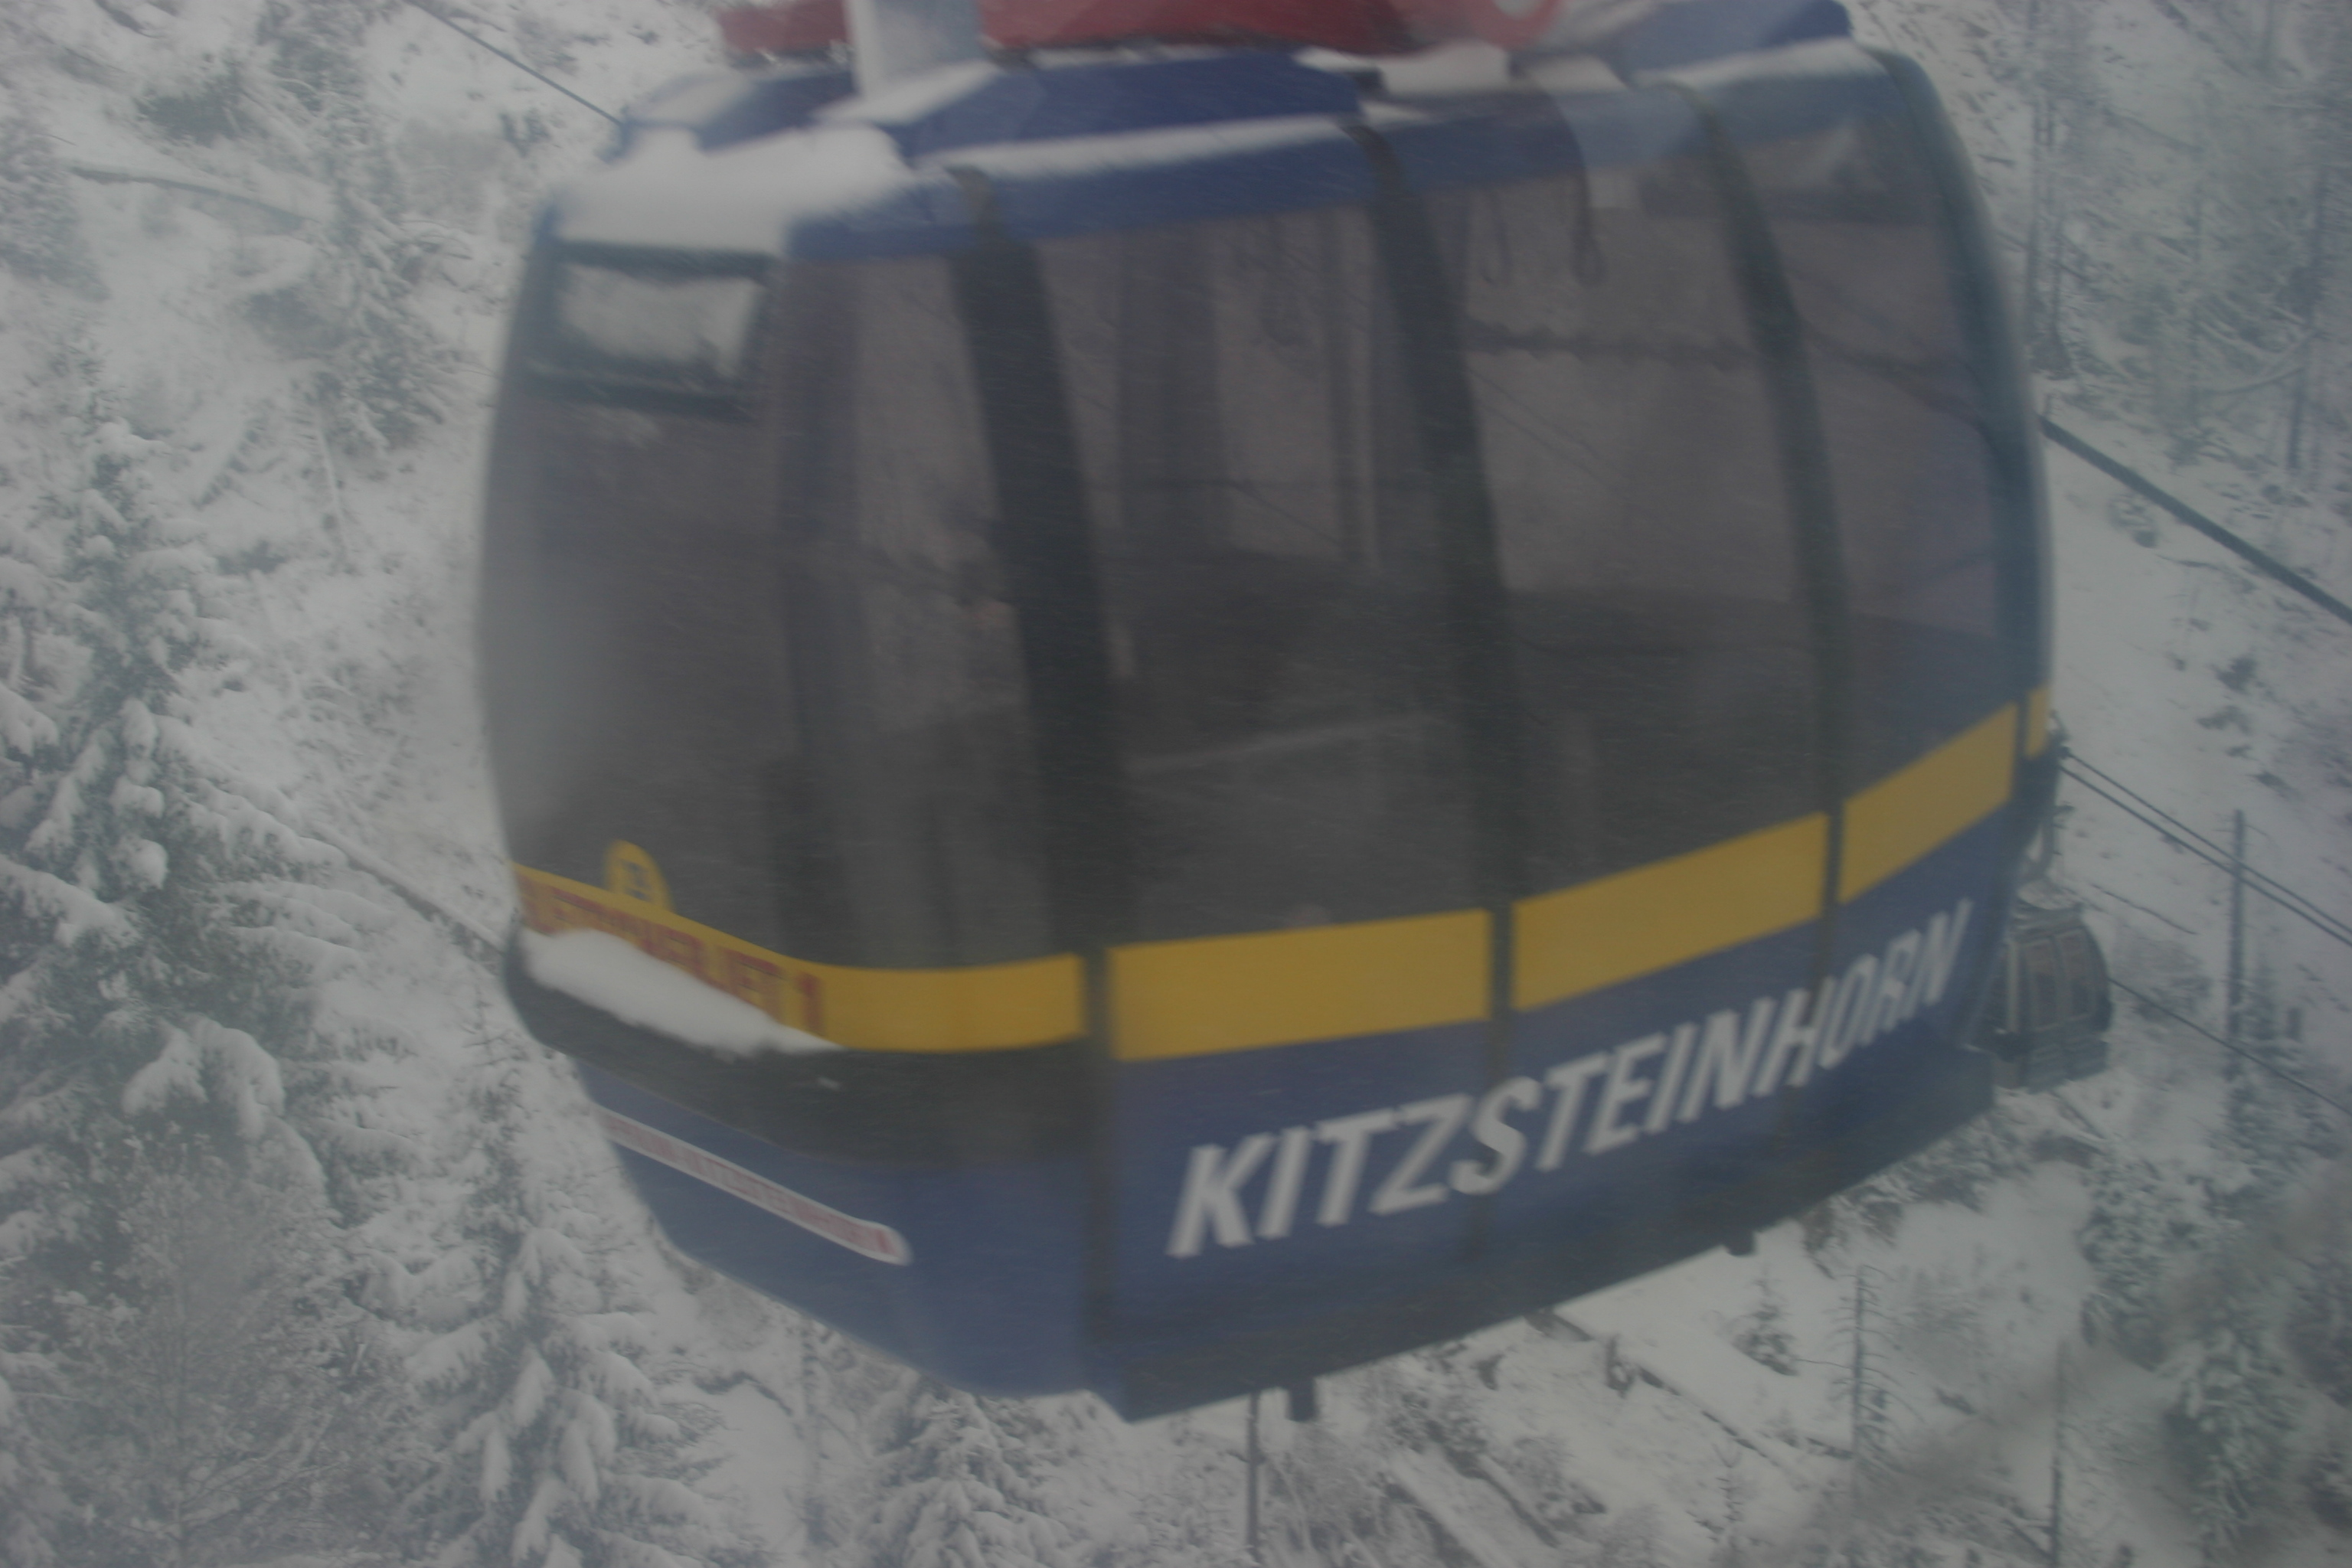 Kitzbüheler Alpen 362 - Dag 5